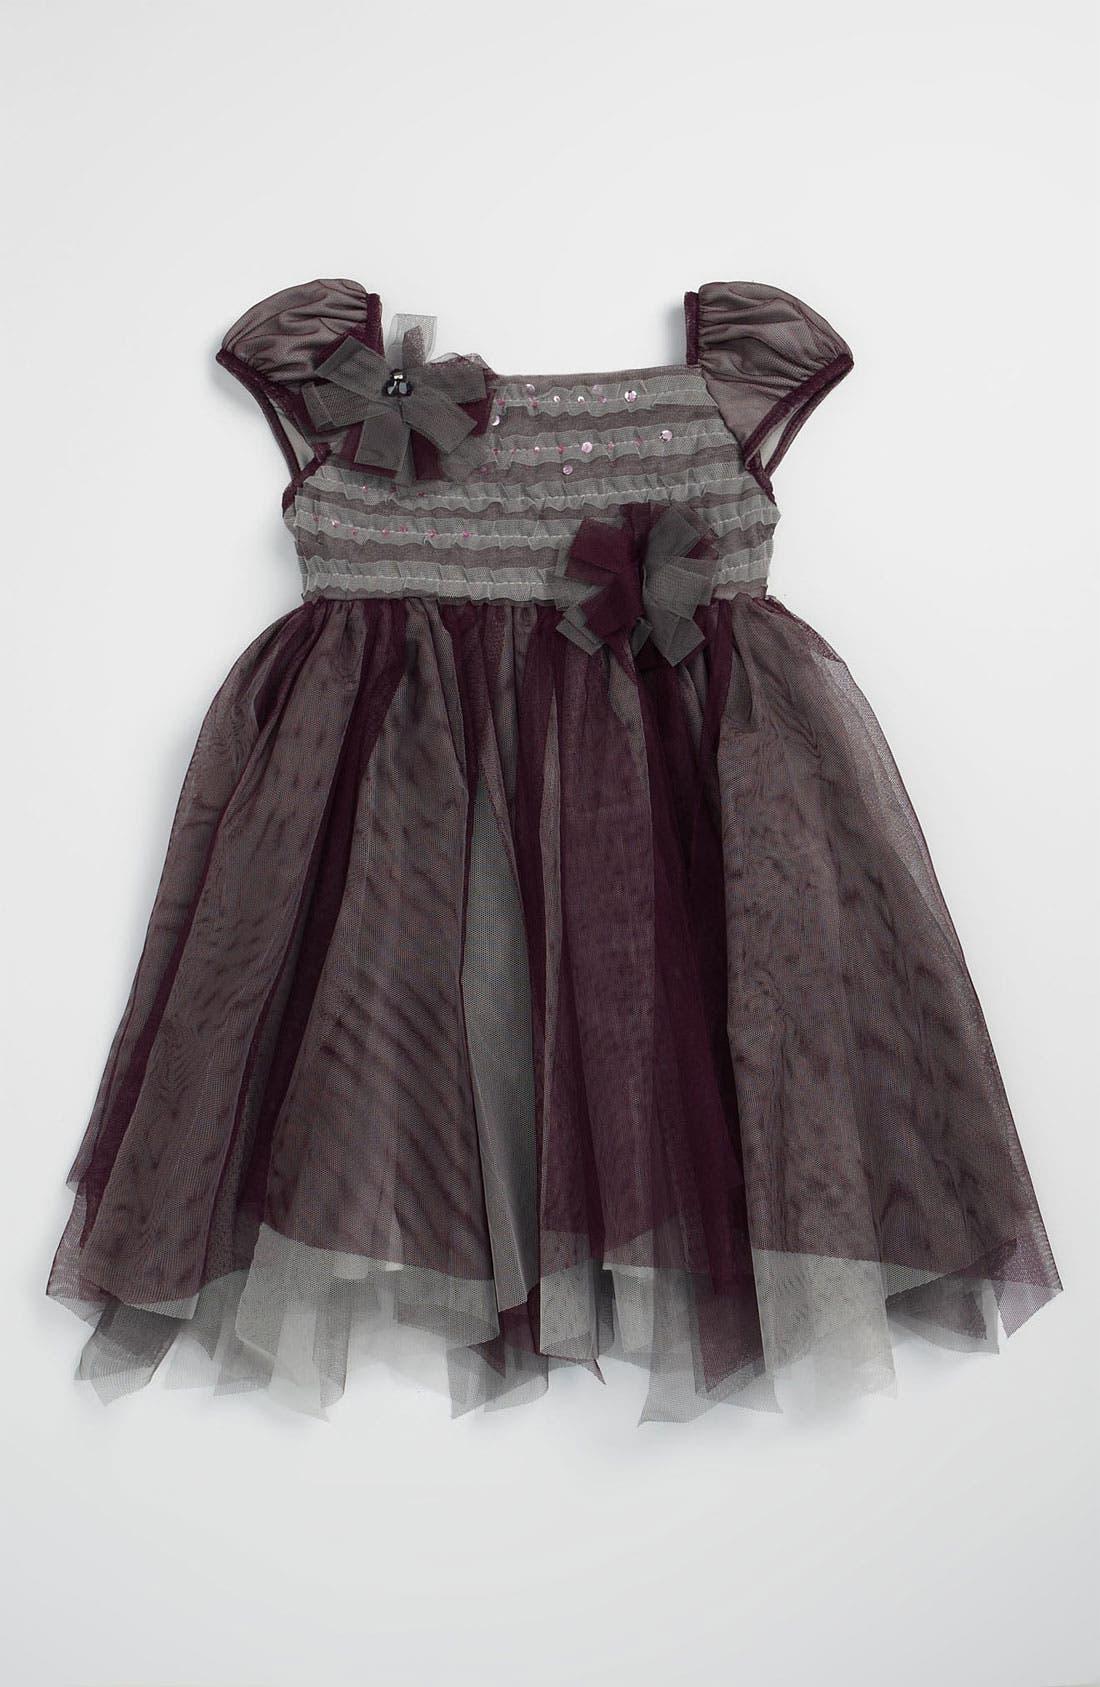 Alternate Image 1 Selected - Isobella & Chloe 'Plum Kisses' Dress (Toddler)